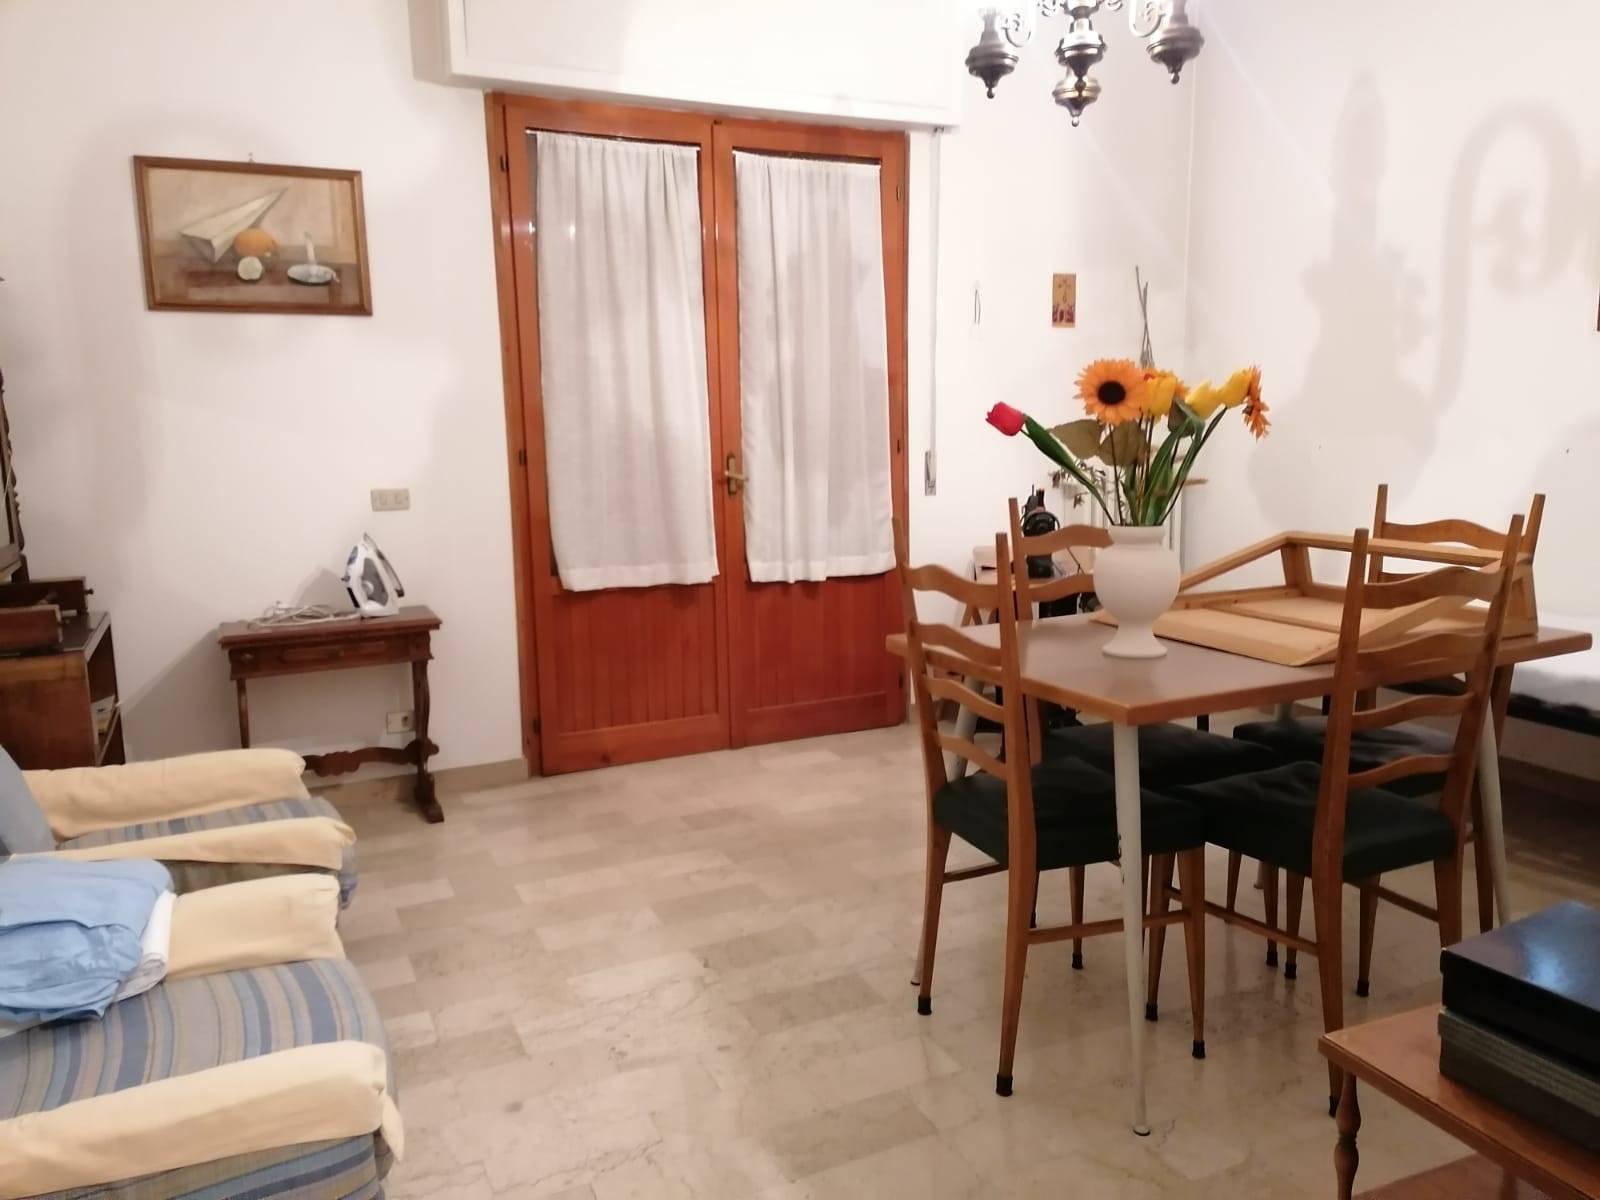 Villa in Vendita a Campi bisenzio zona  - immagine 11